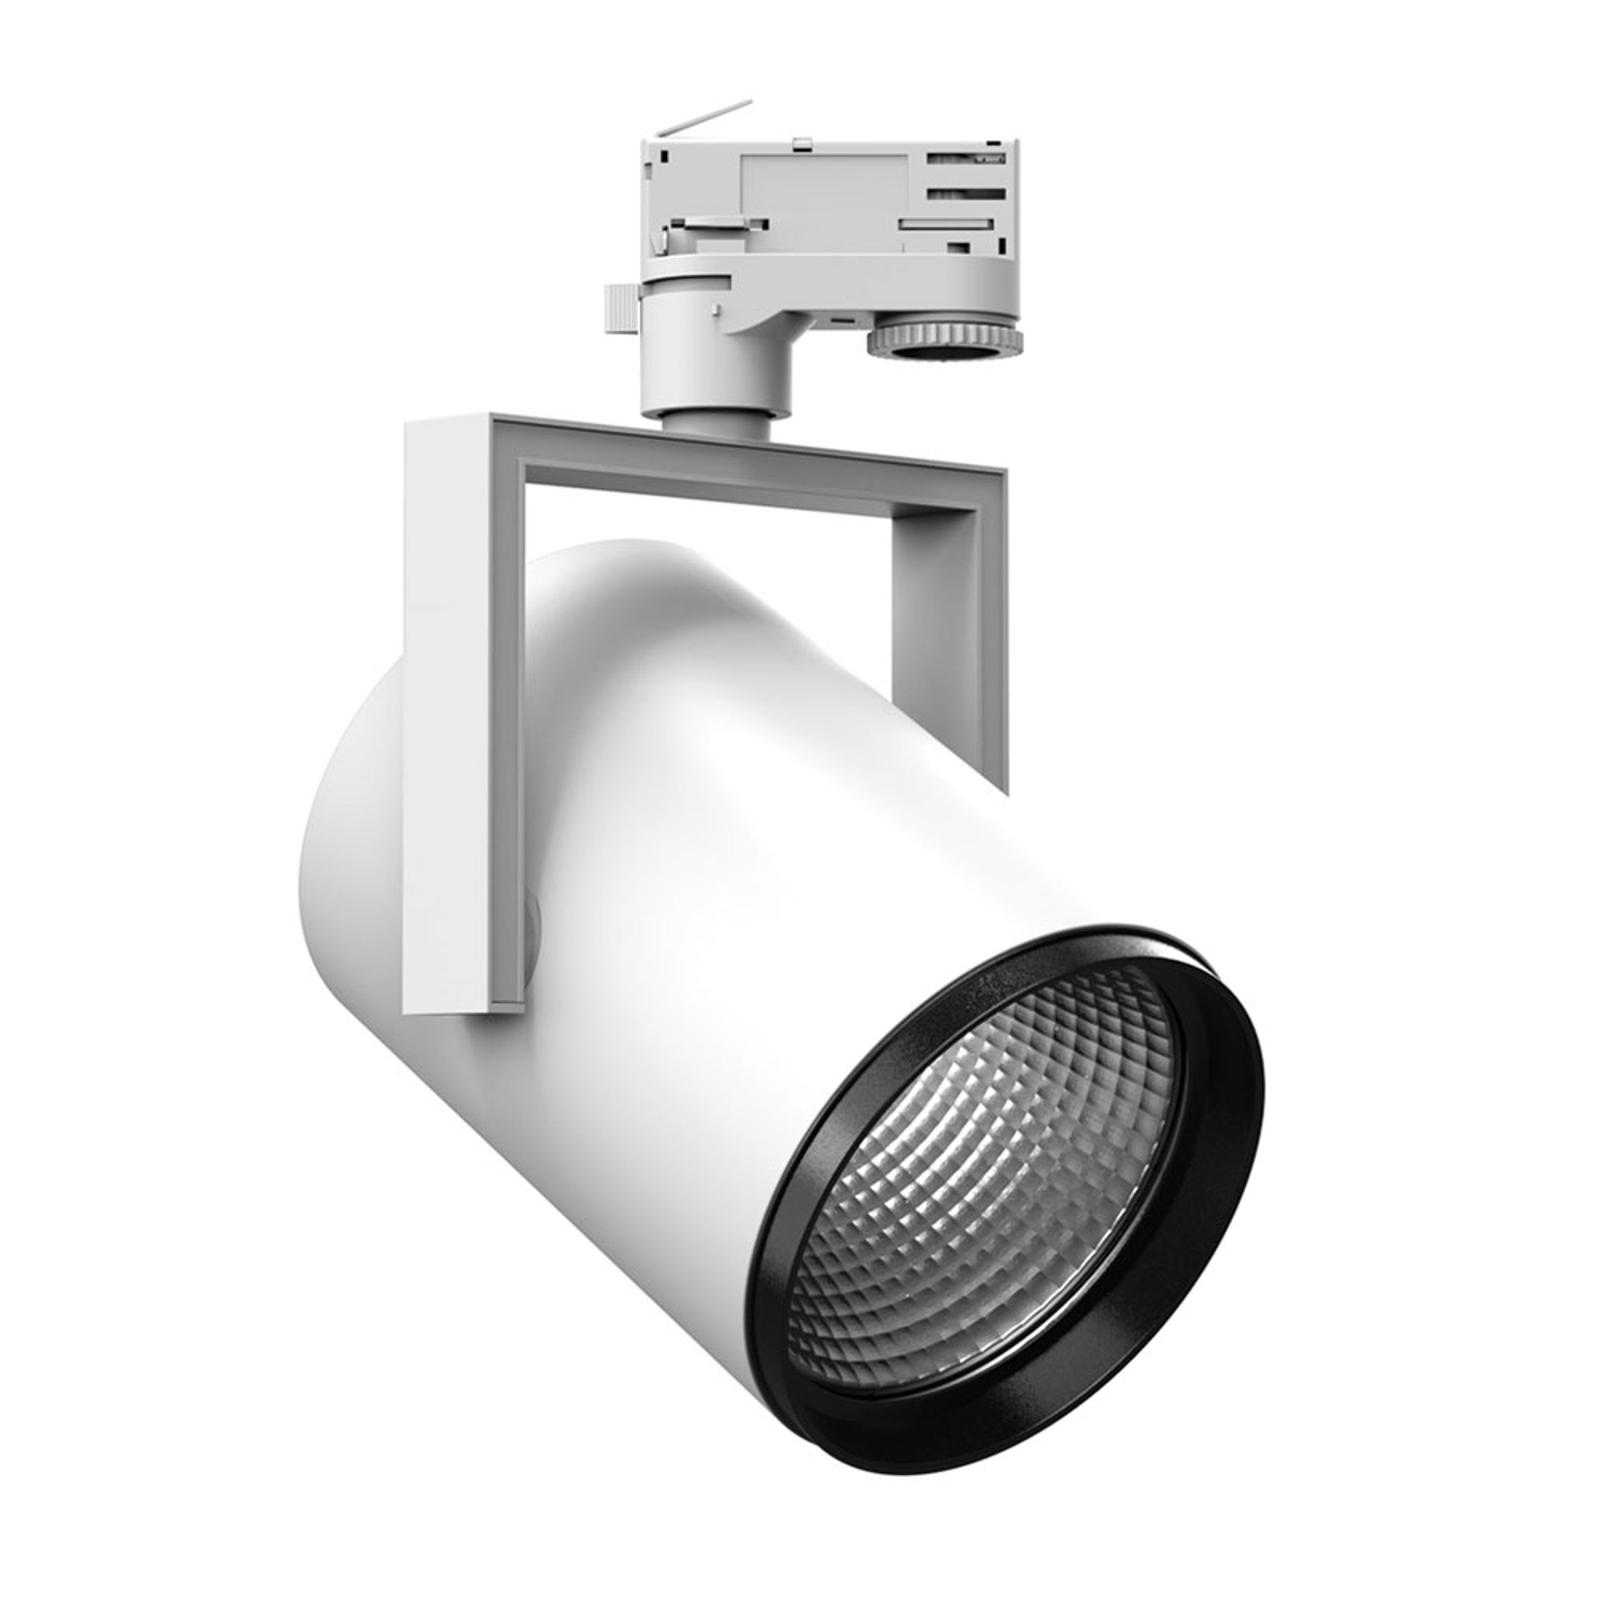 3-Phasen-Schienenstrahler AS425 LED Medium weiß kaufen